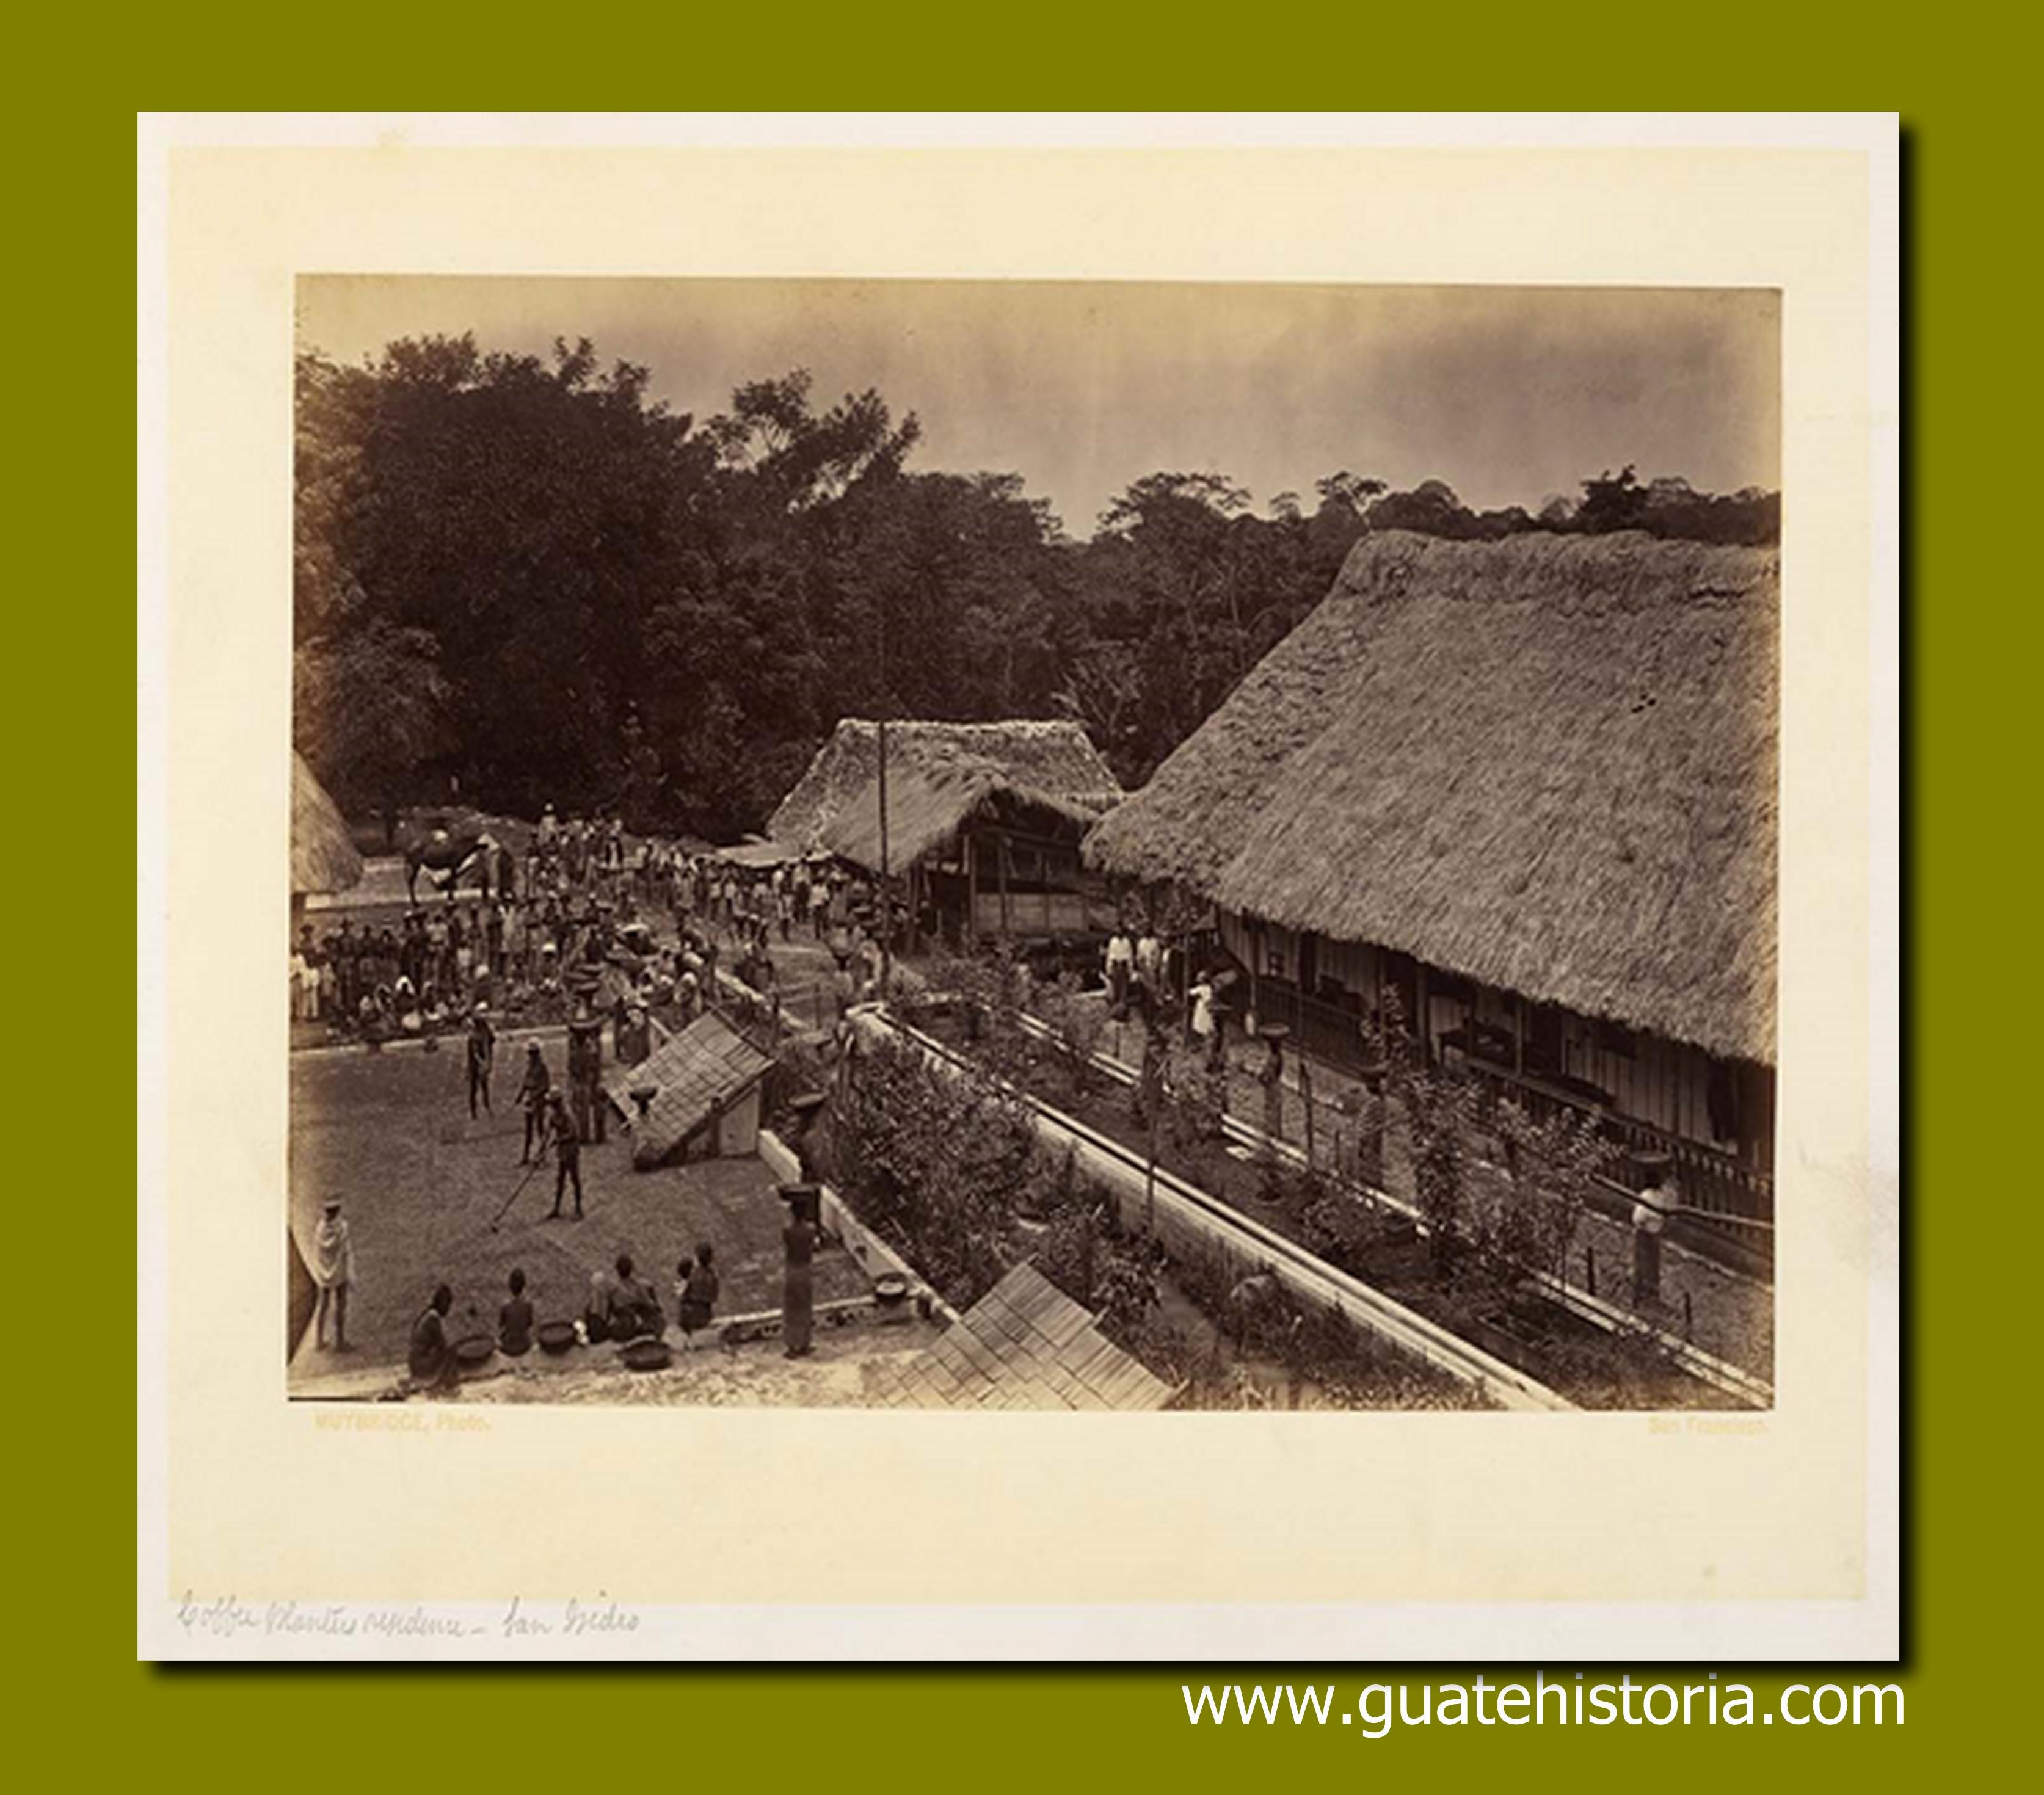 guatehistoria